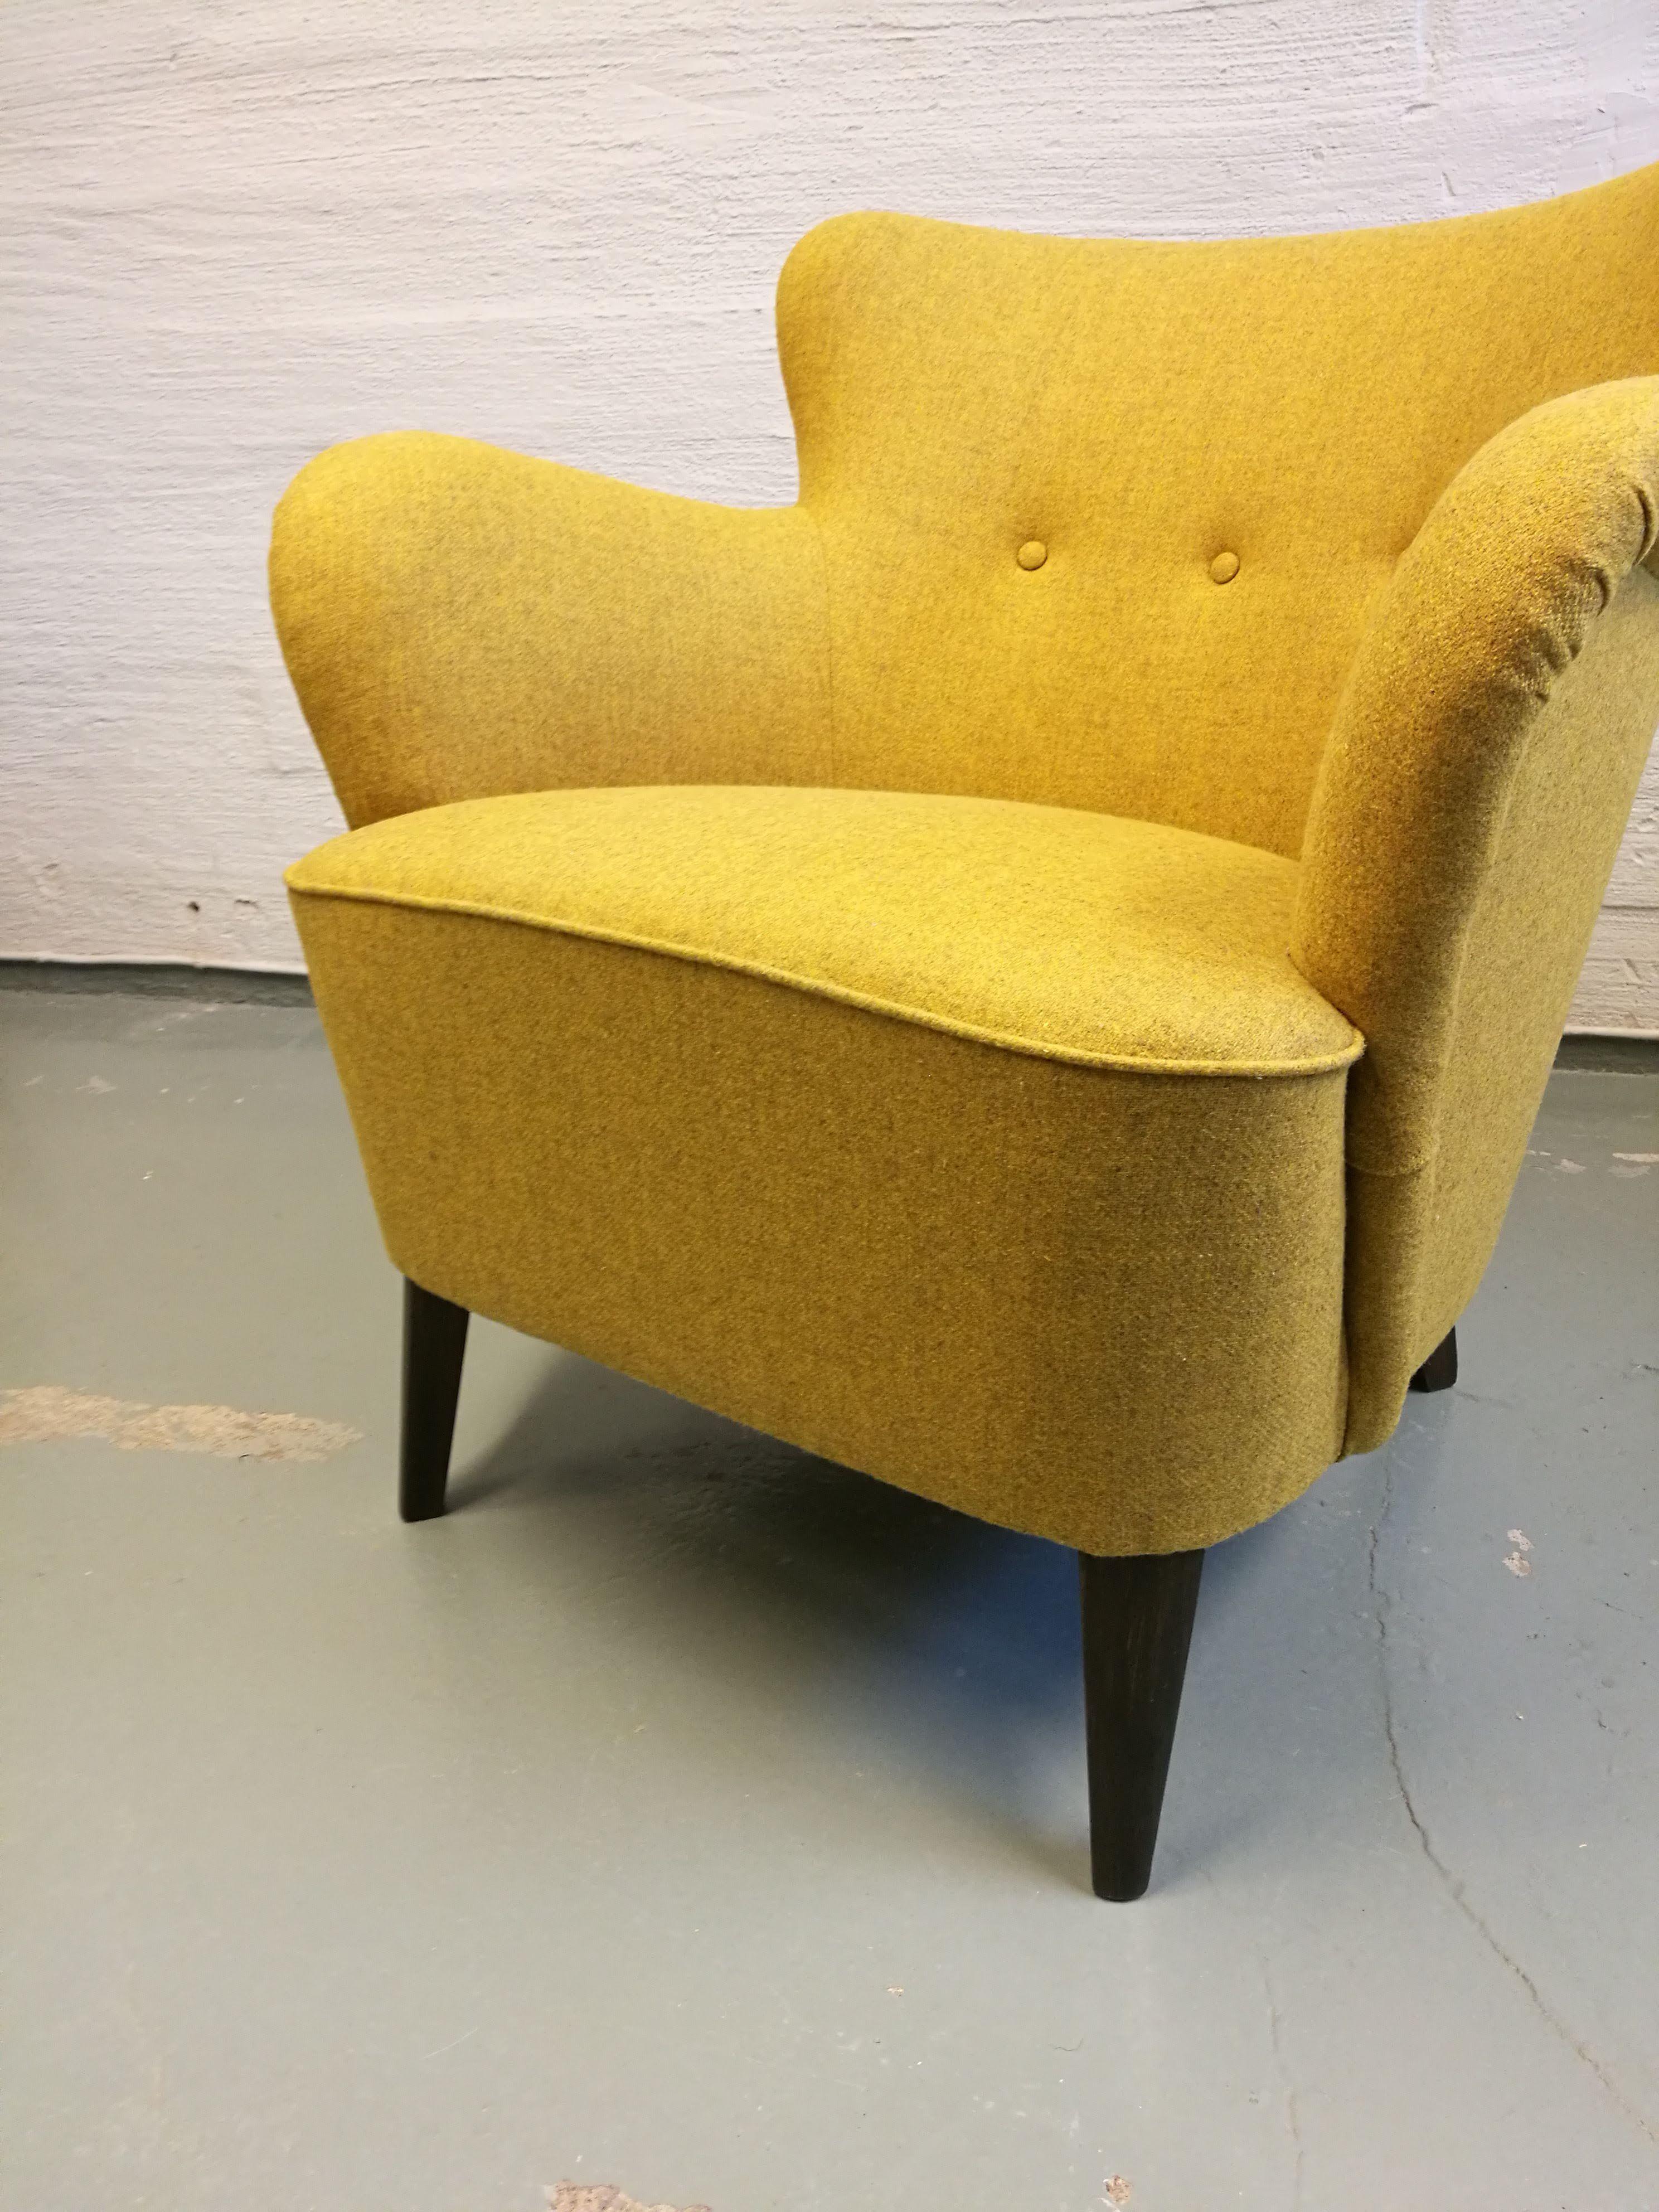 Keltaisella villakankaalla verhoiltu nojatuoli.   Nojatuoli